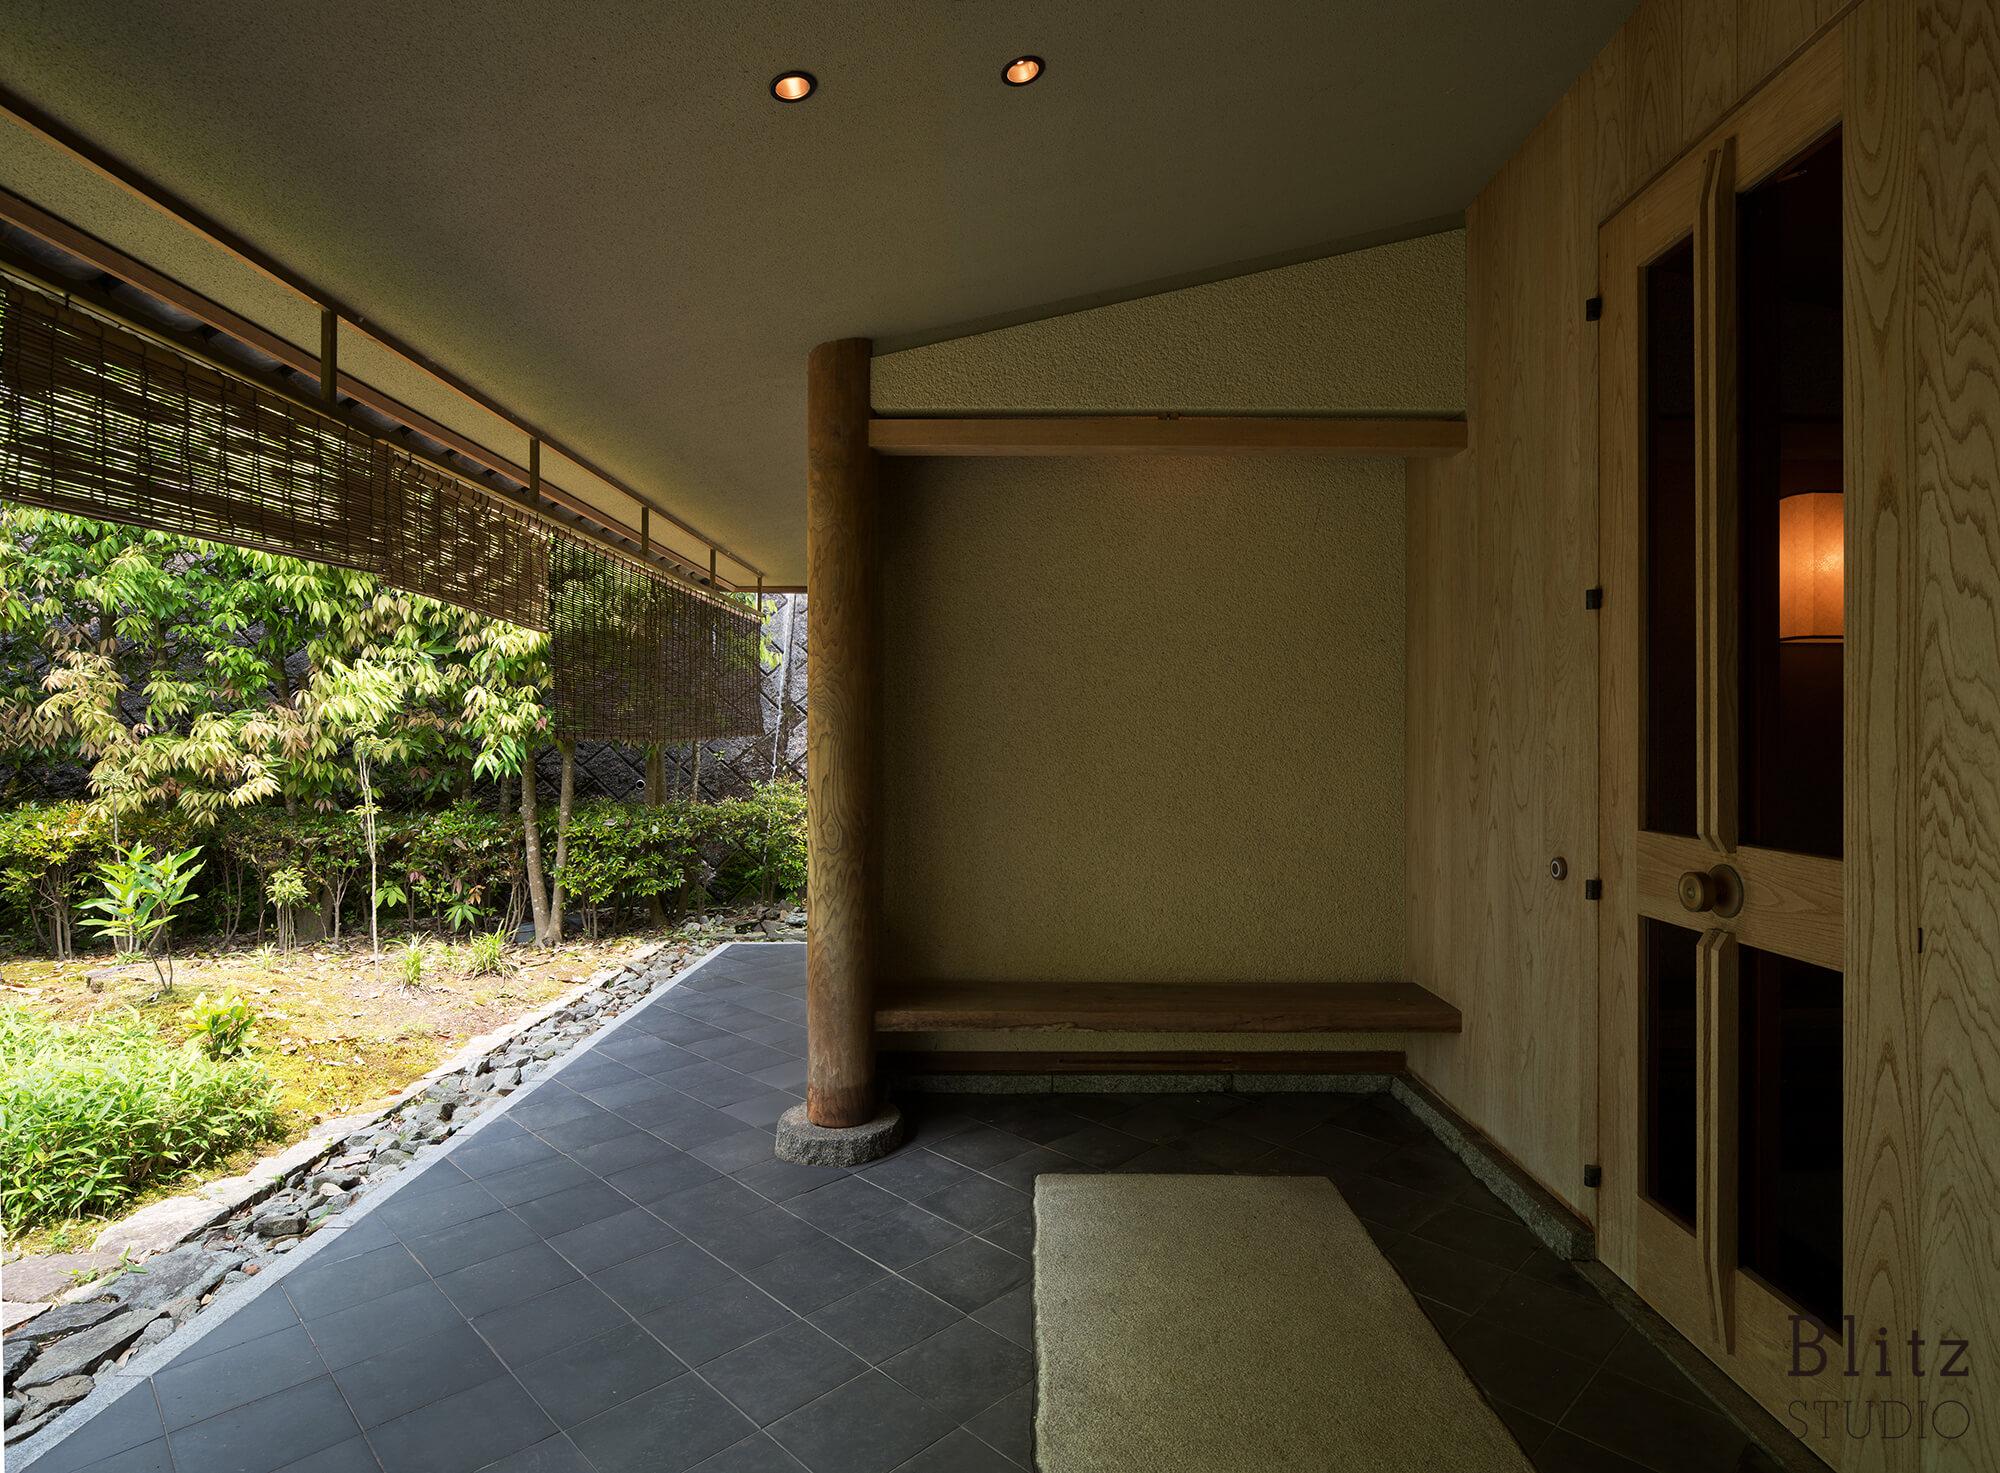 『宗像名残荘』建築写真・竣工写真・インテリア写真14